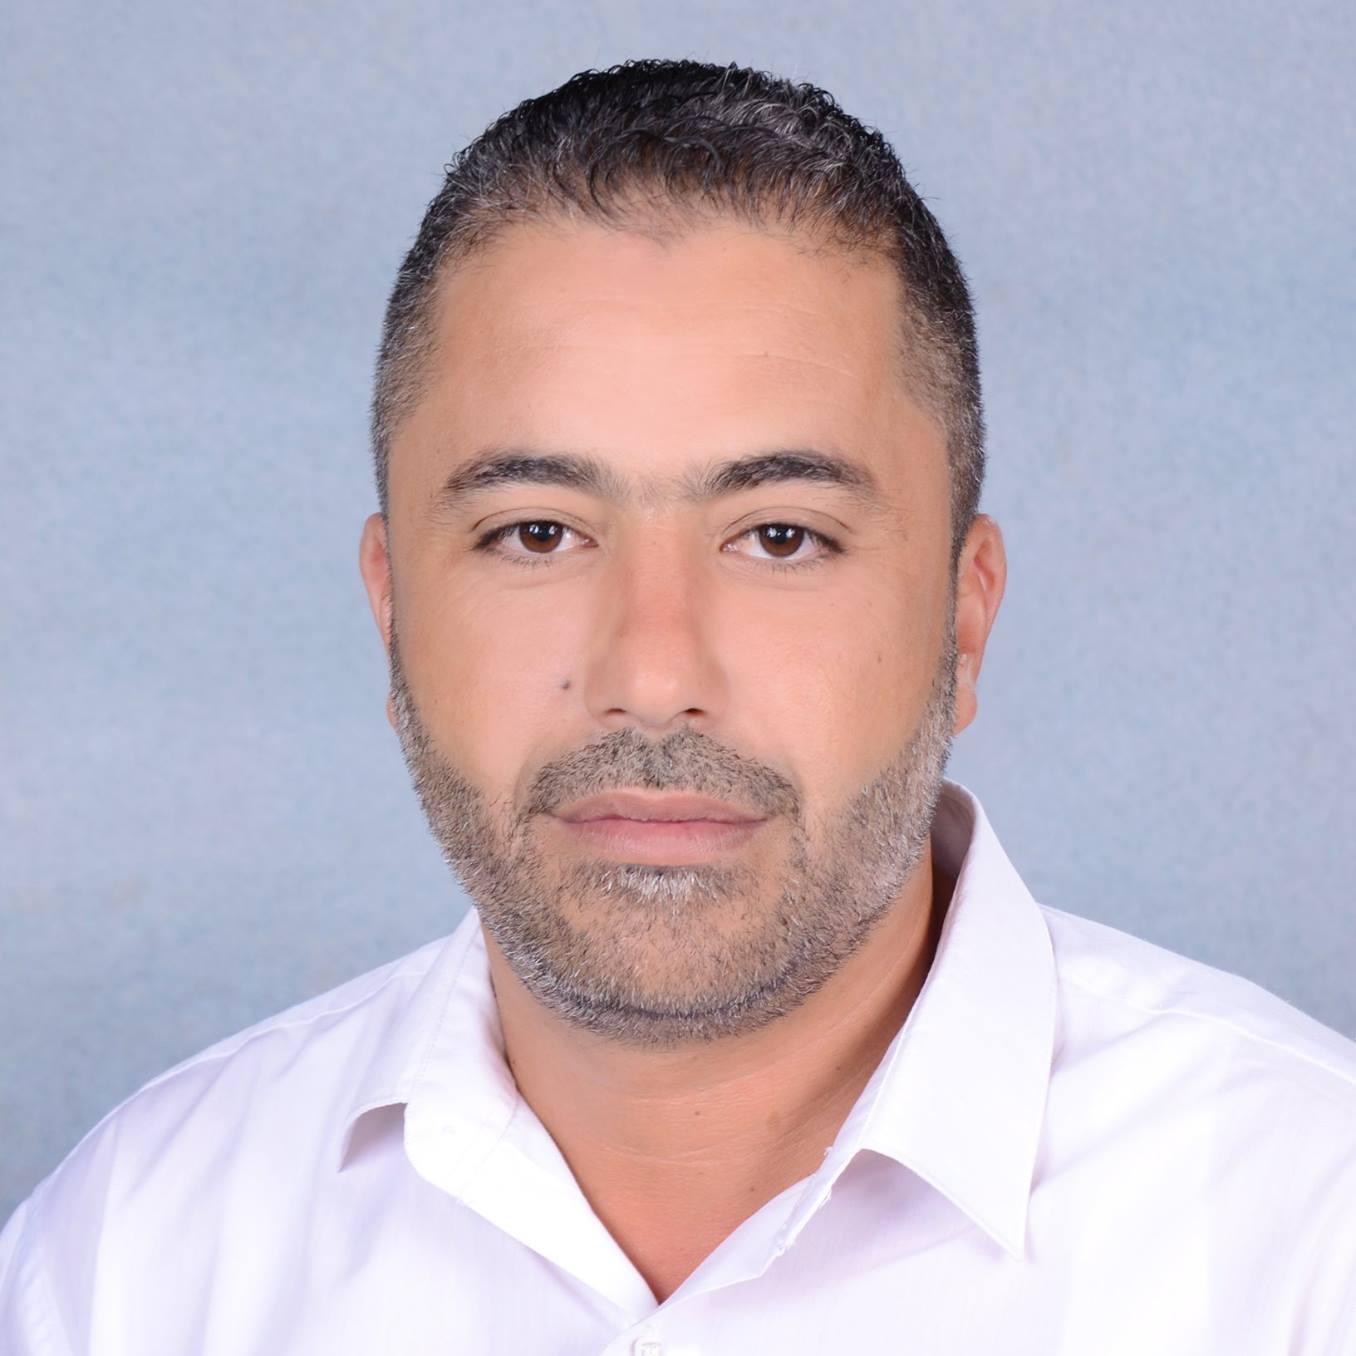 Mohamed Slimen - محمد سليمان